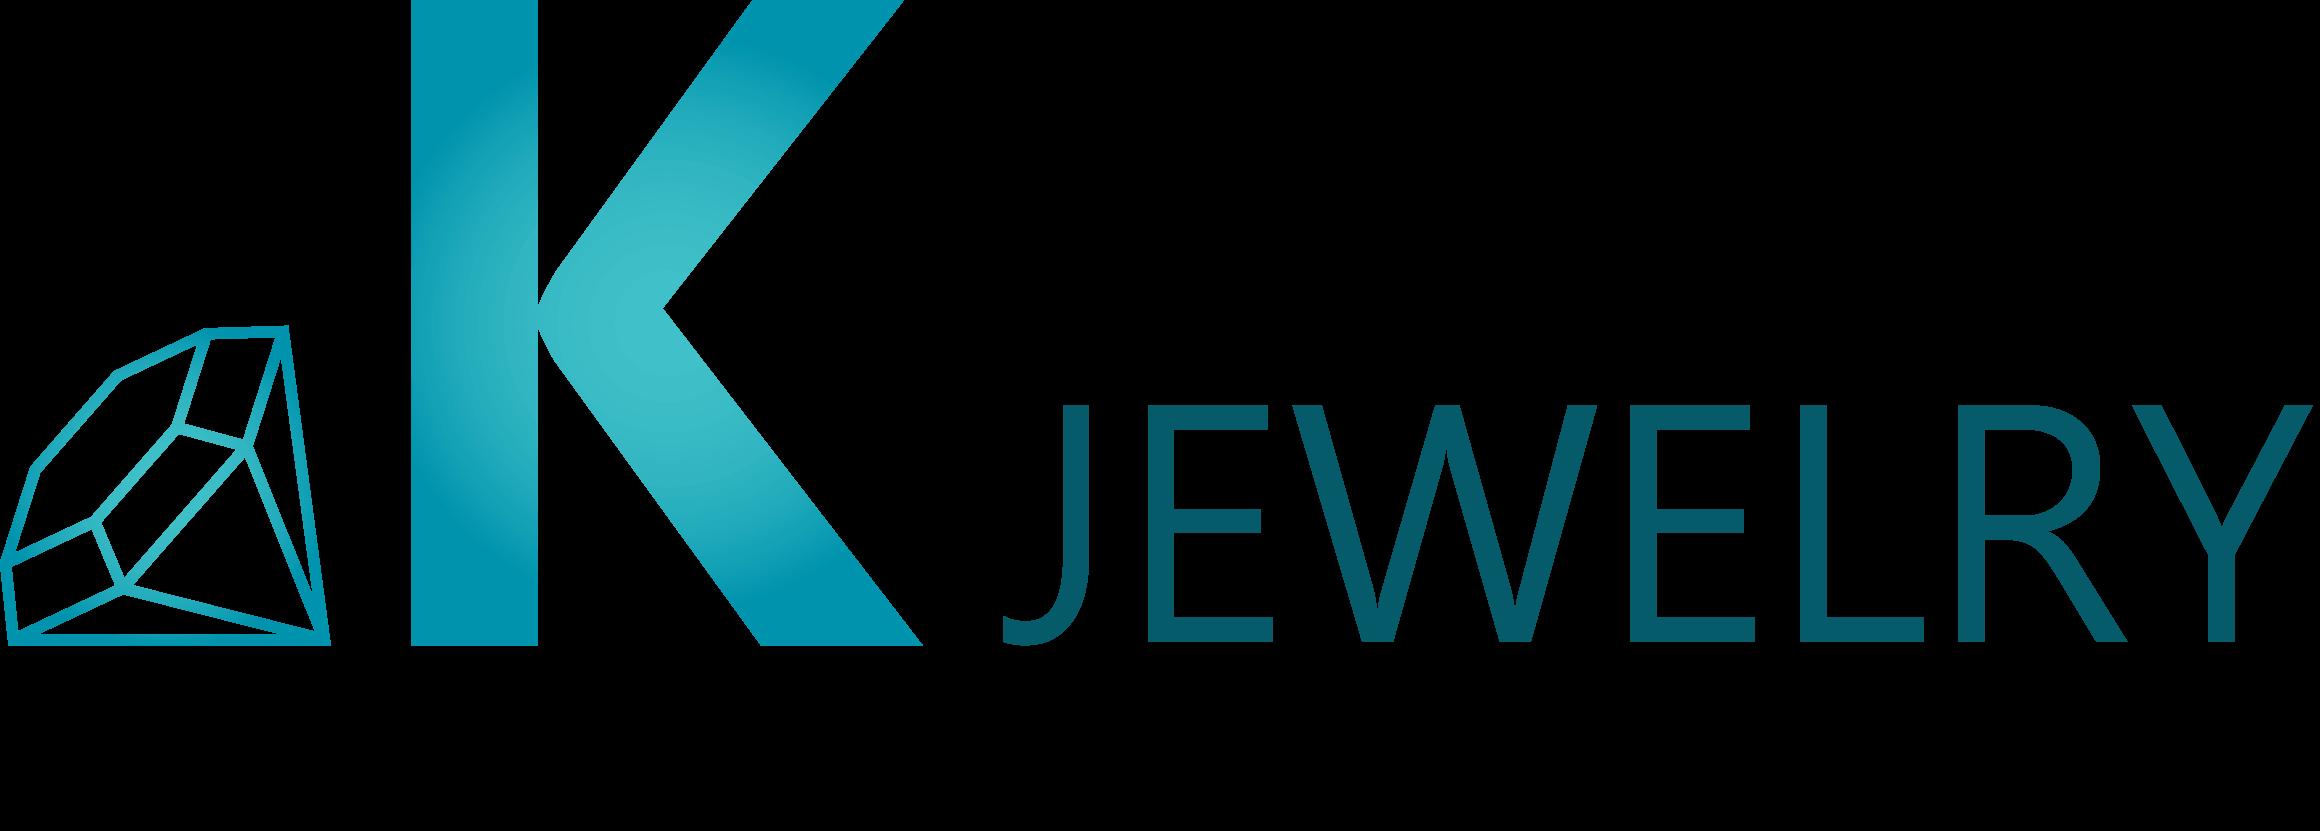 K Jewelry